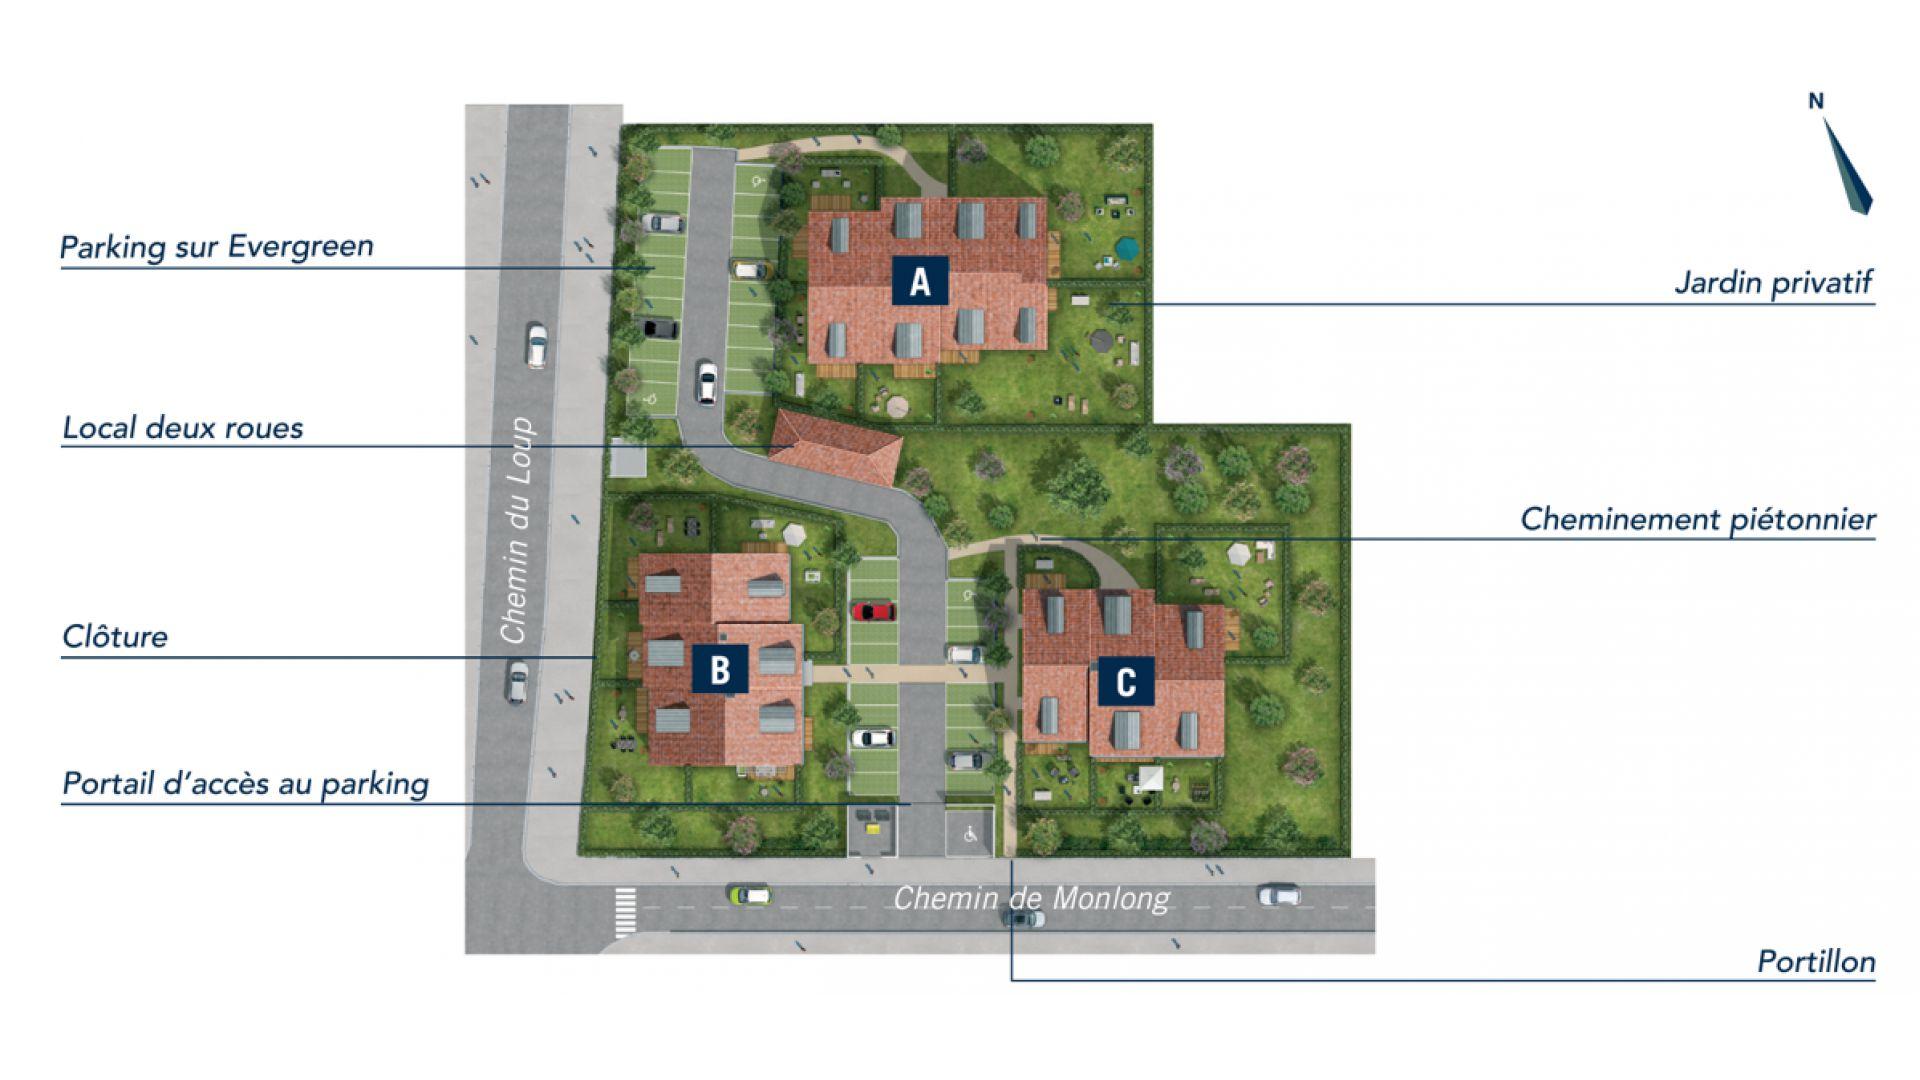 GreenCity immobilier - Résidence Cours Adrienne - 31100 Toulouse Saint-Simon - Appartements neufs du T2 au T3 duplex - plan de masse